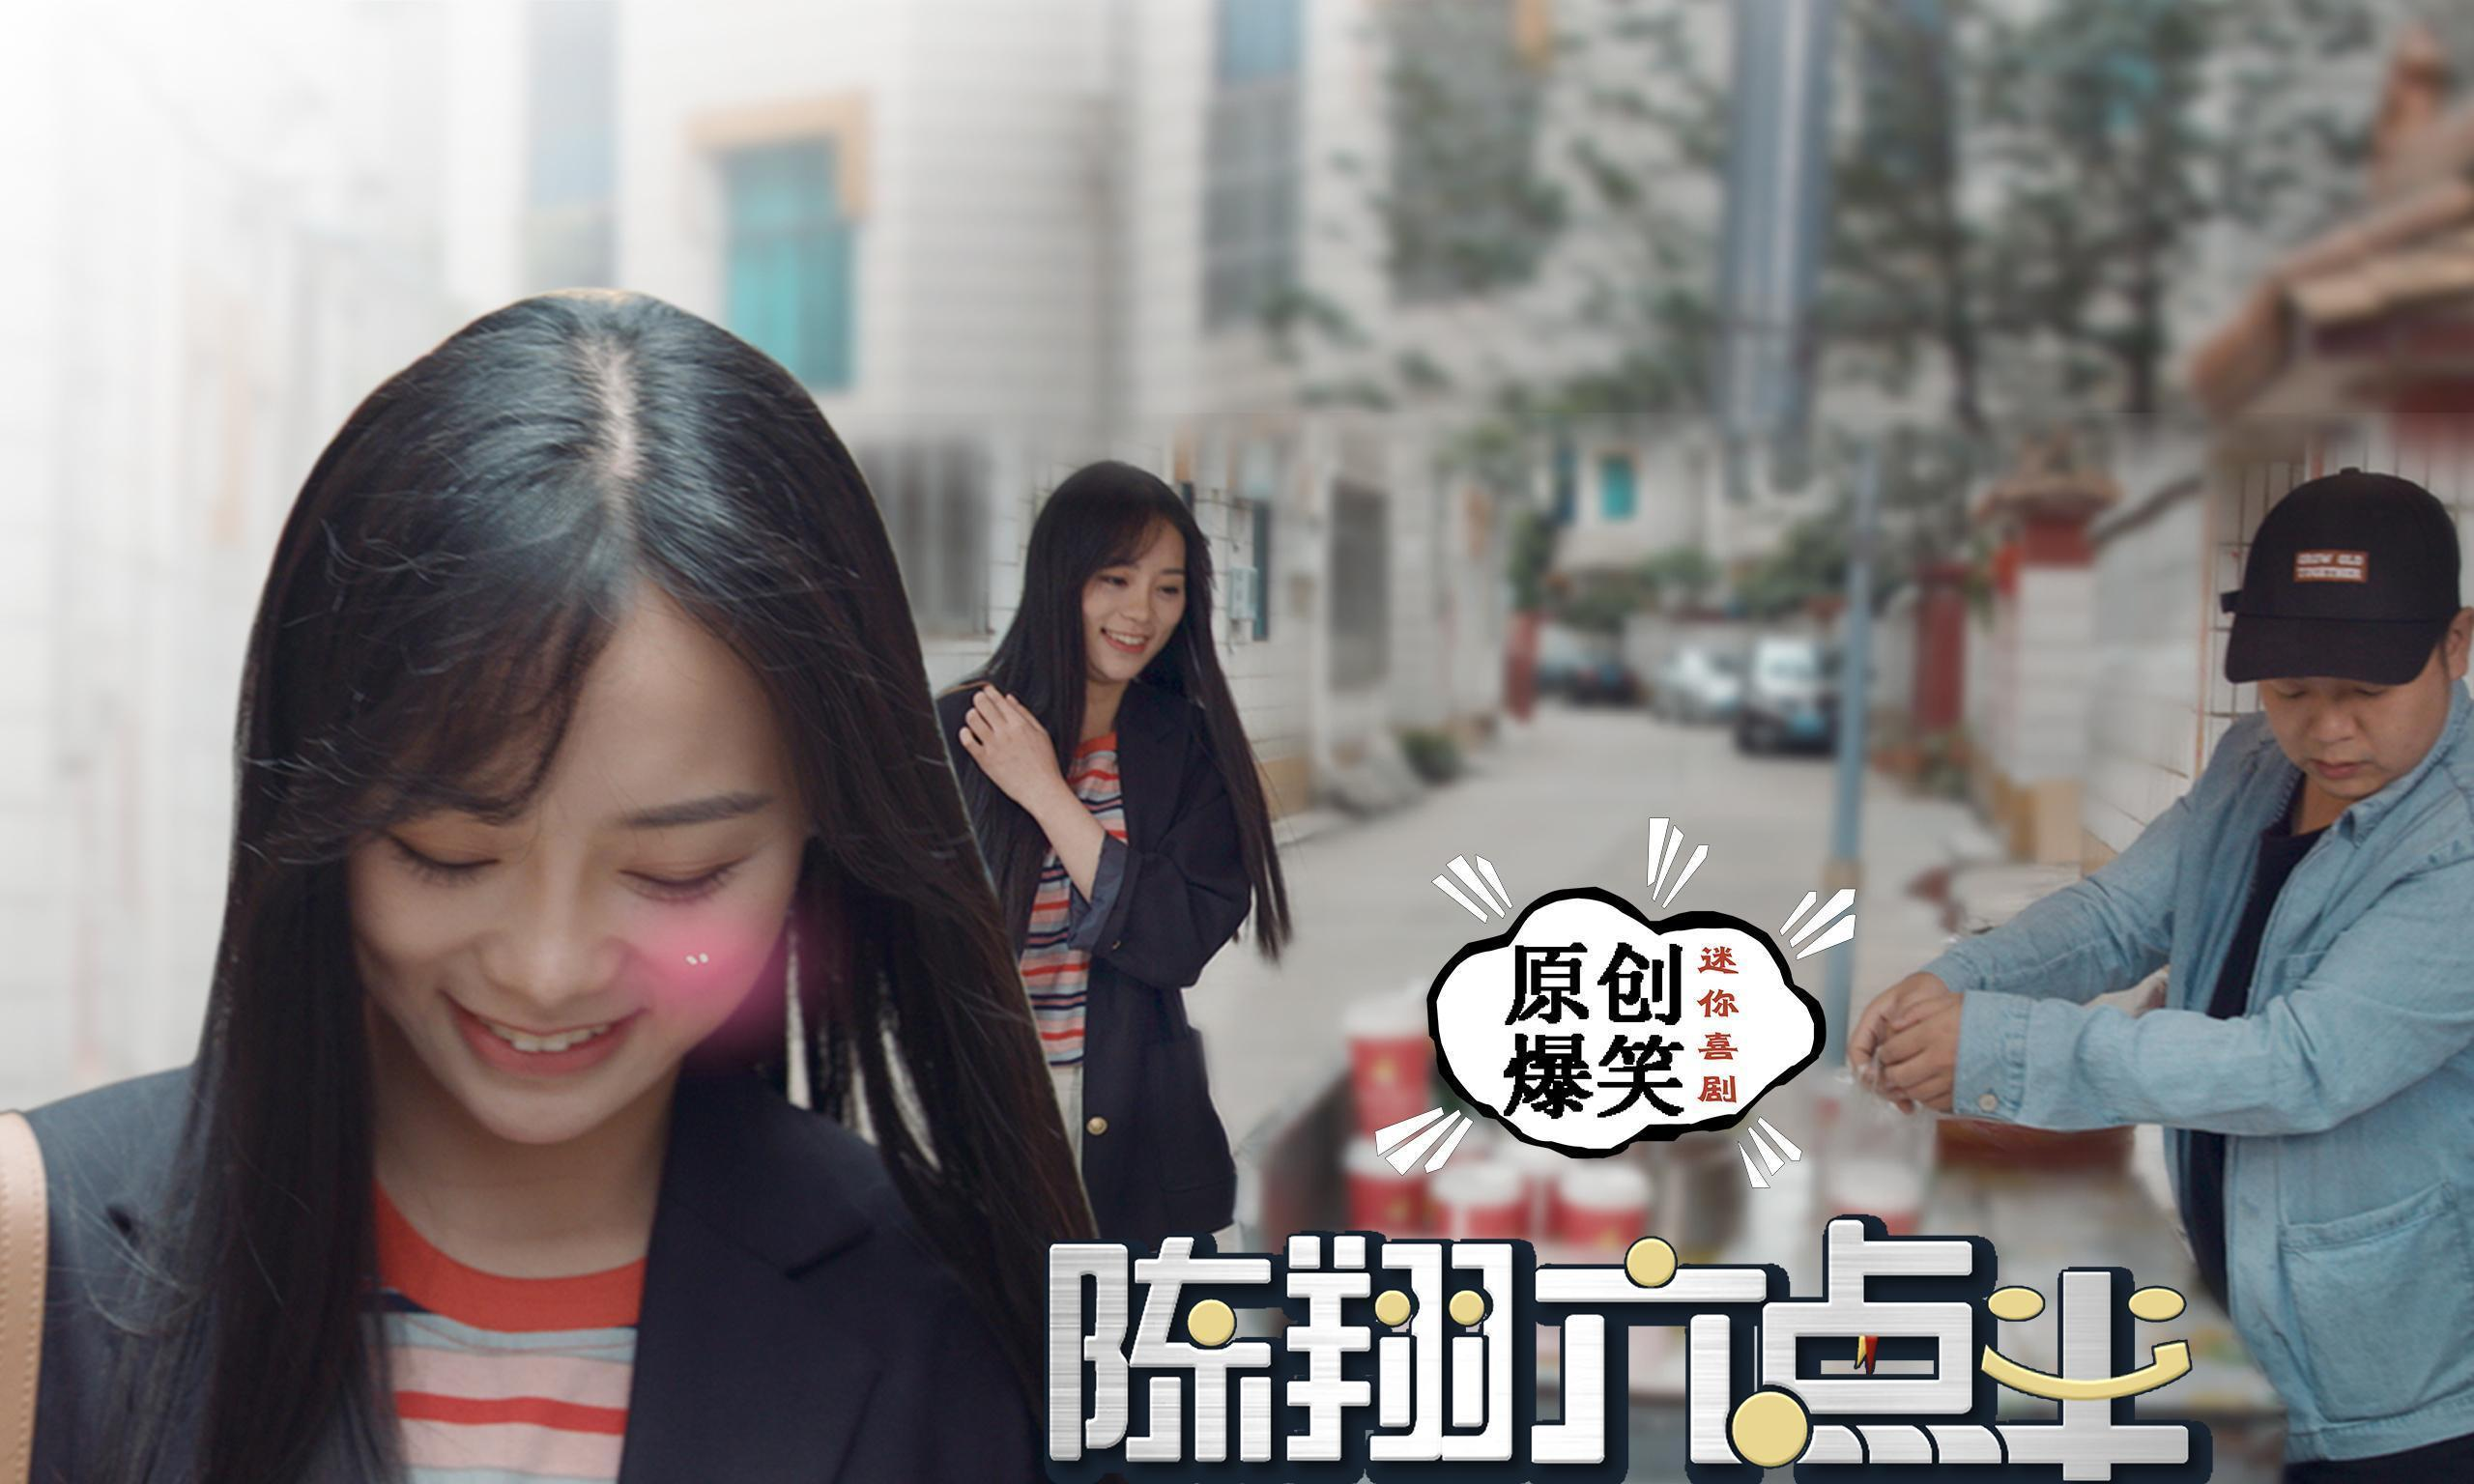 为什么《陈翔六点半》拥有大流量,却没有像万合天宜受综艺追捧?